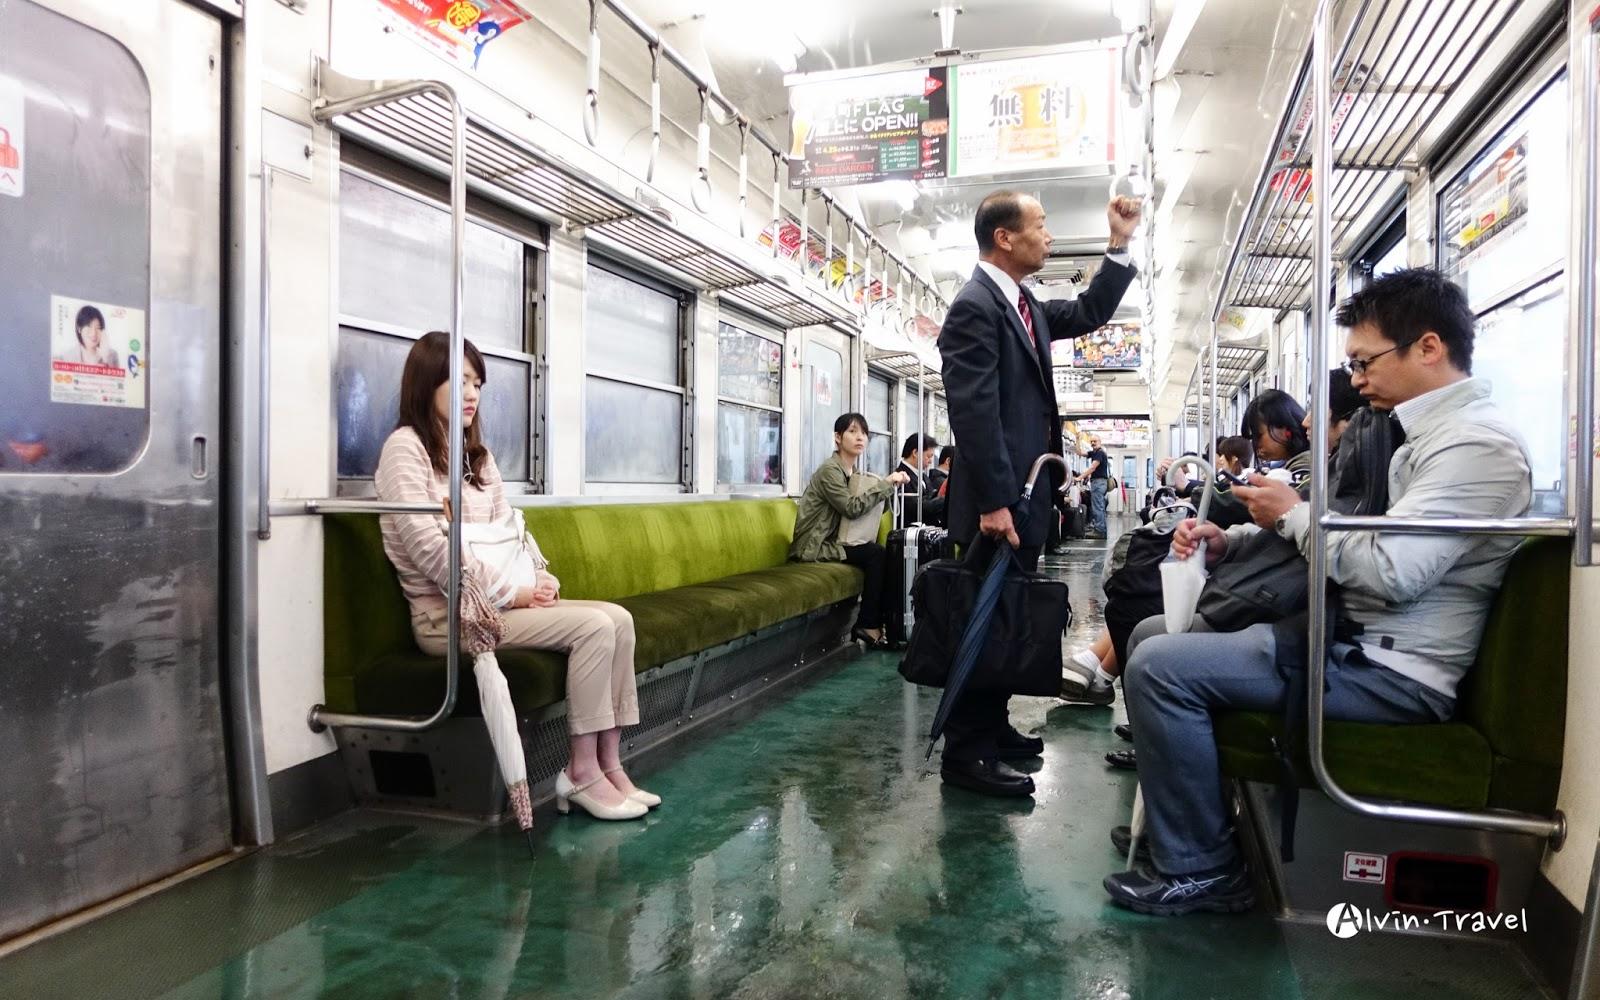 日本自駕之旅・遊記: 四國の旅2016 - D3 小豆島